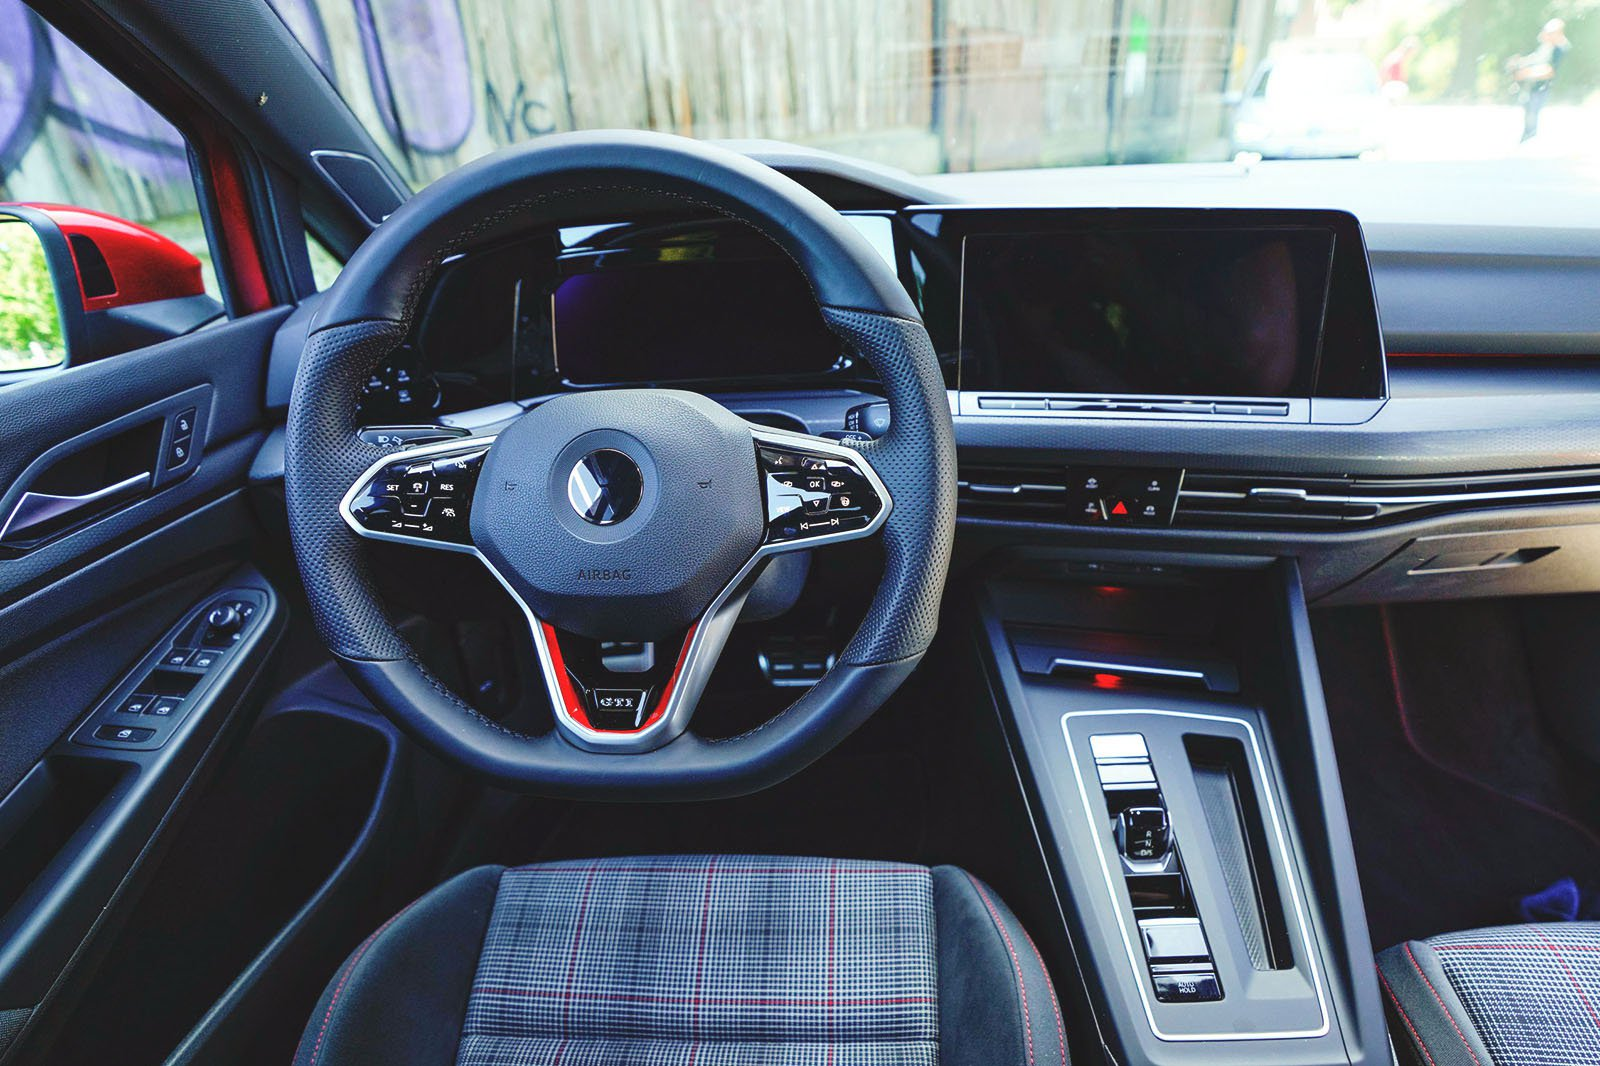 2020 Volkswagen Golf GTI dashboard